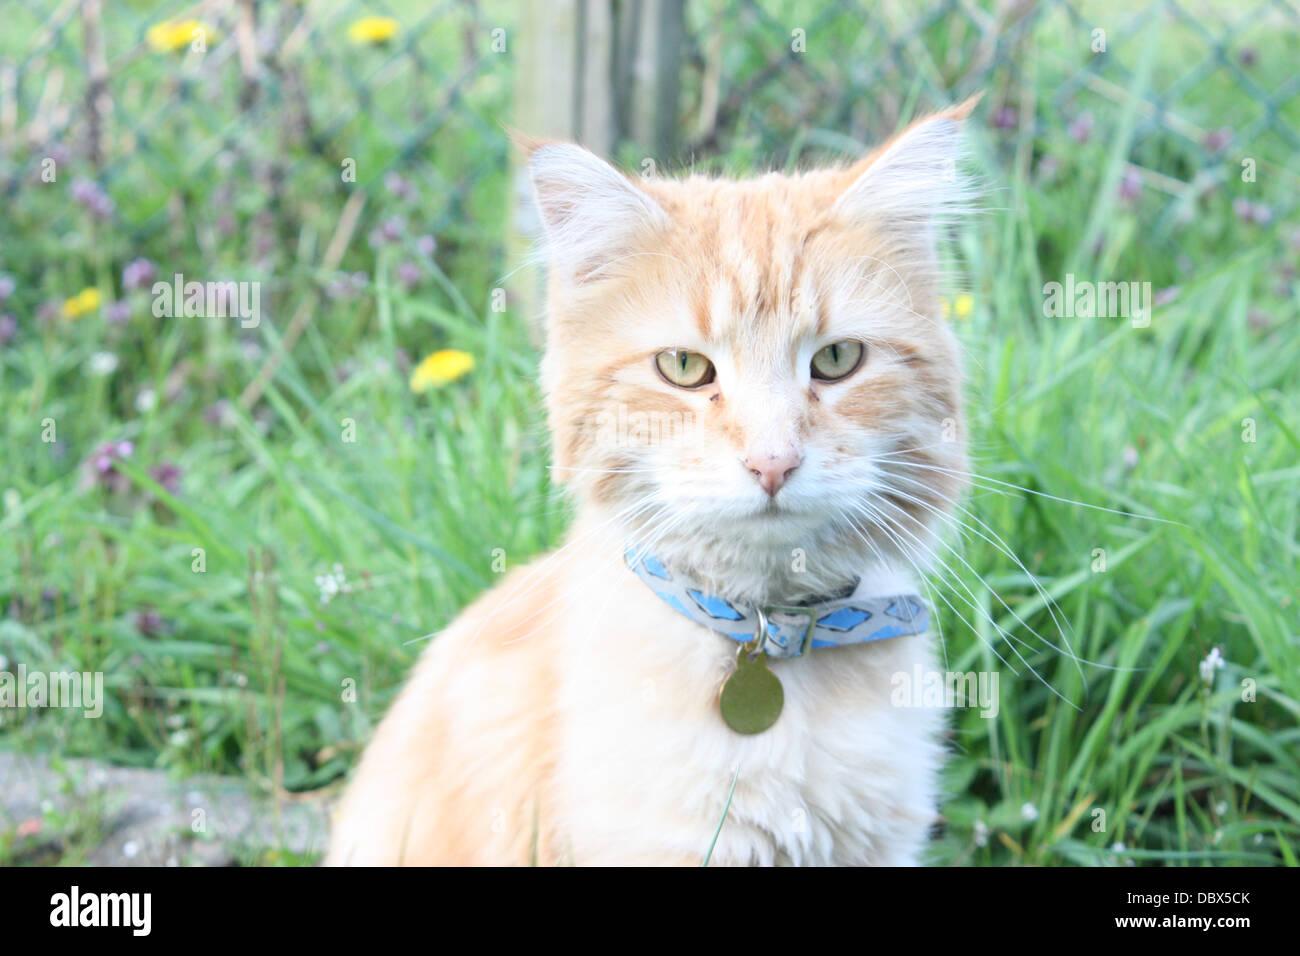 Lo zenzero gatto con collare blu e vetro in background Immagini Stock